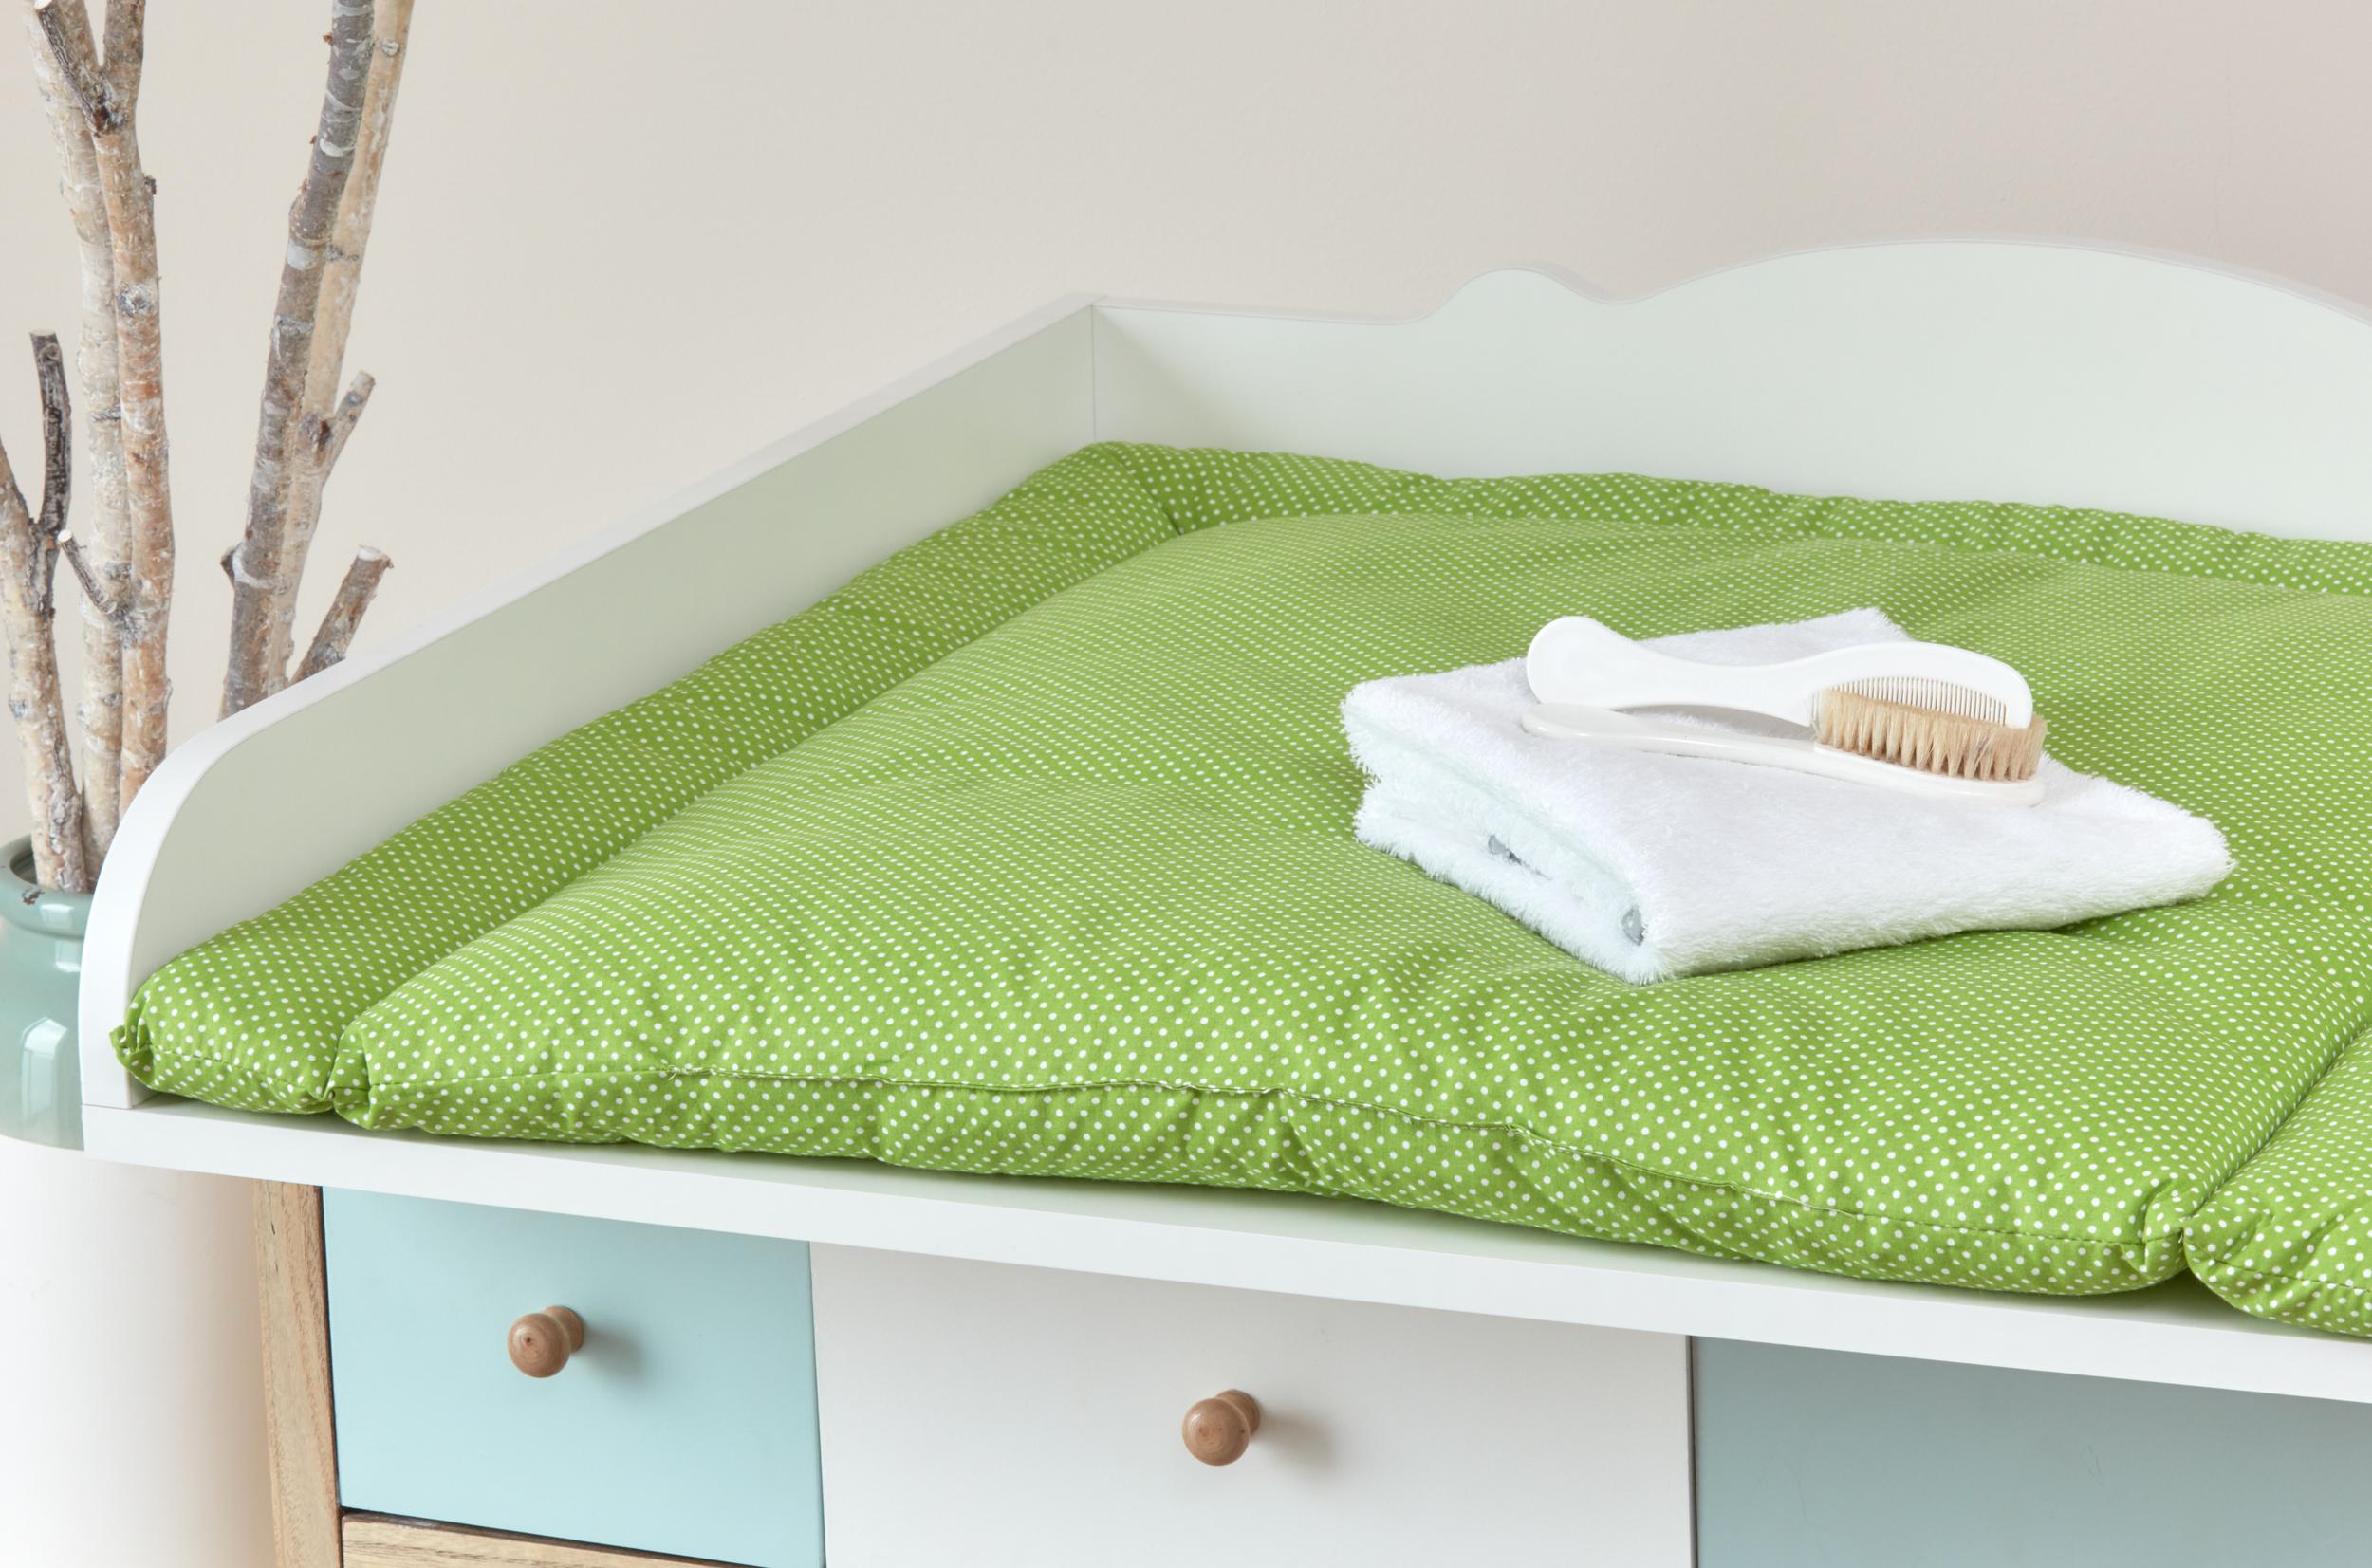 kraftkids wickelauflage wei e punkte auf gr n breit 75 x tief 70 cm. Black Bedroom Furniture Sets. Home Design Ideas